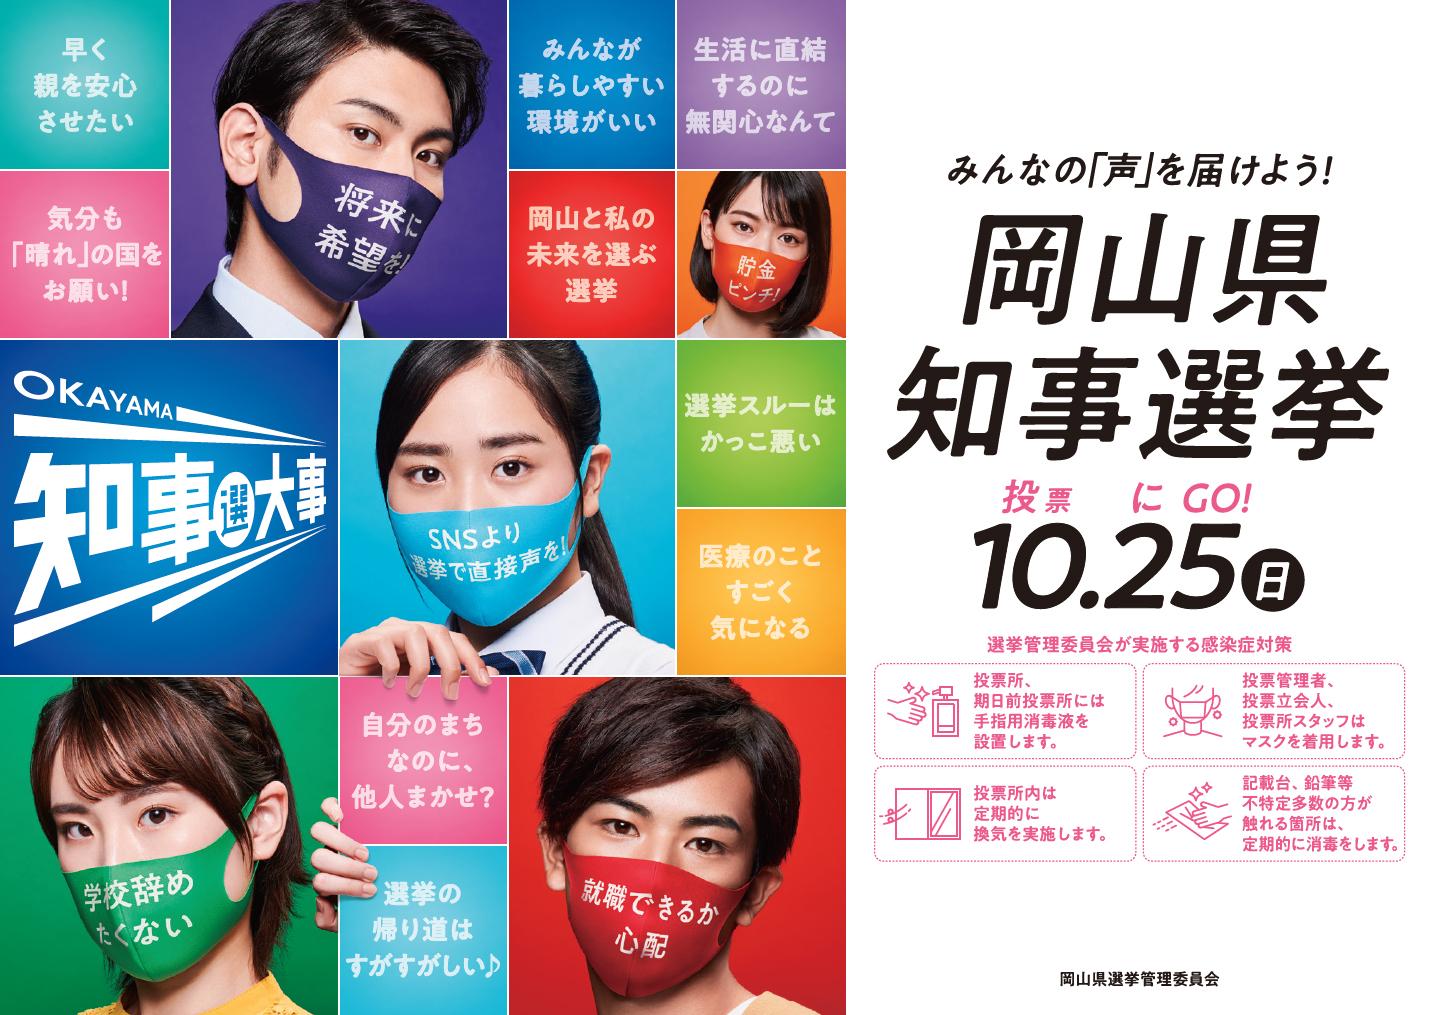 10月25日(日)は岡山県知事選挙の日。岡山県在住の若い世代が出演する ...